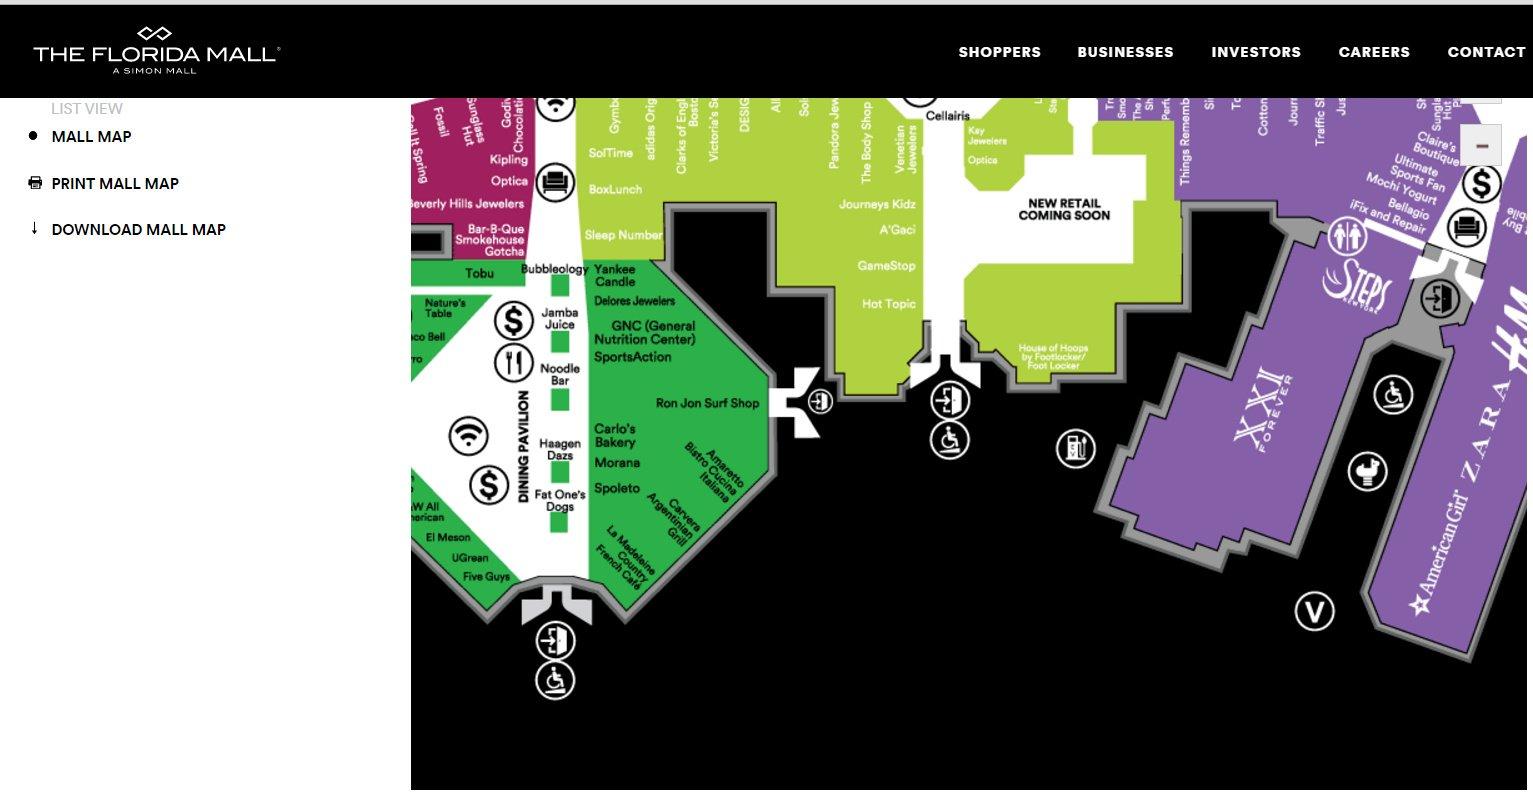 Impresión de pantalla: Mapa general que incorpora informacion de accesibilidad | The Florida Mall